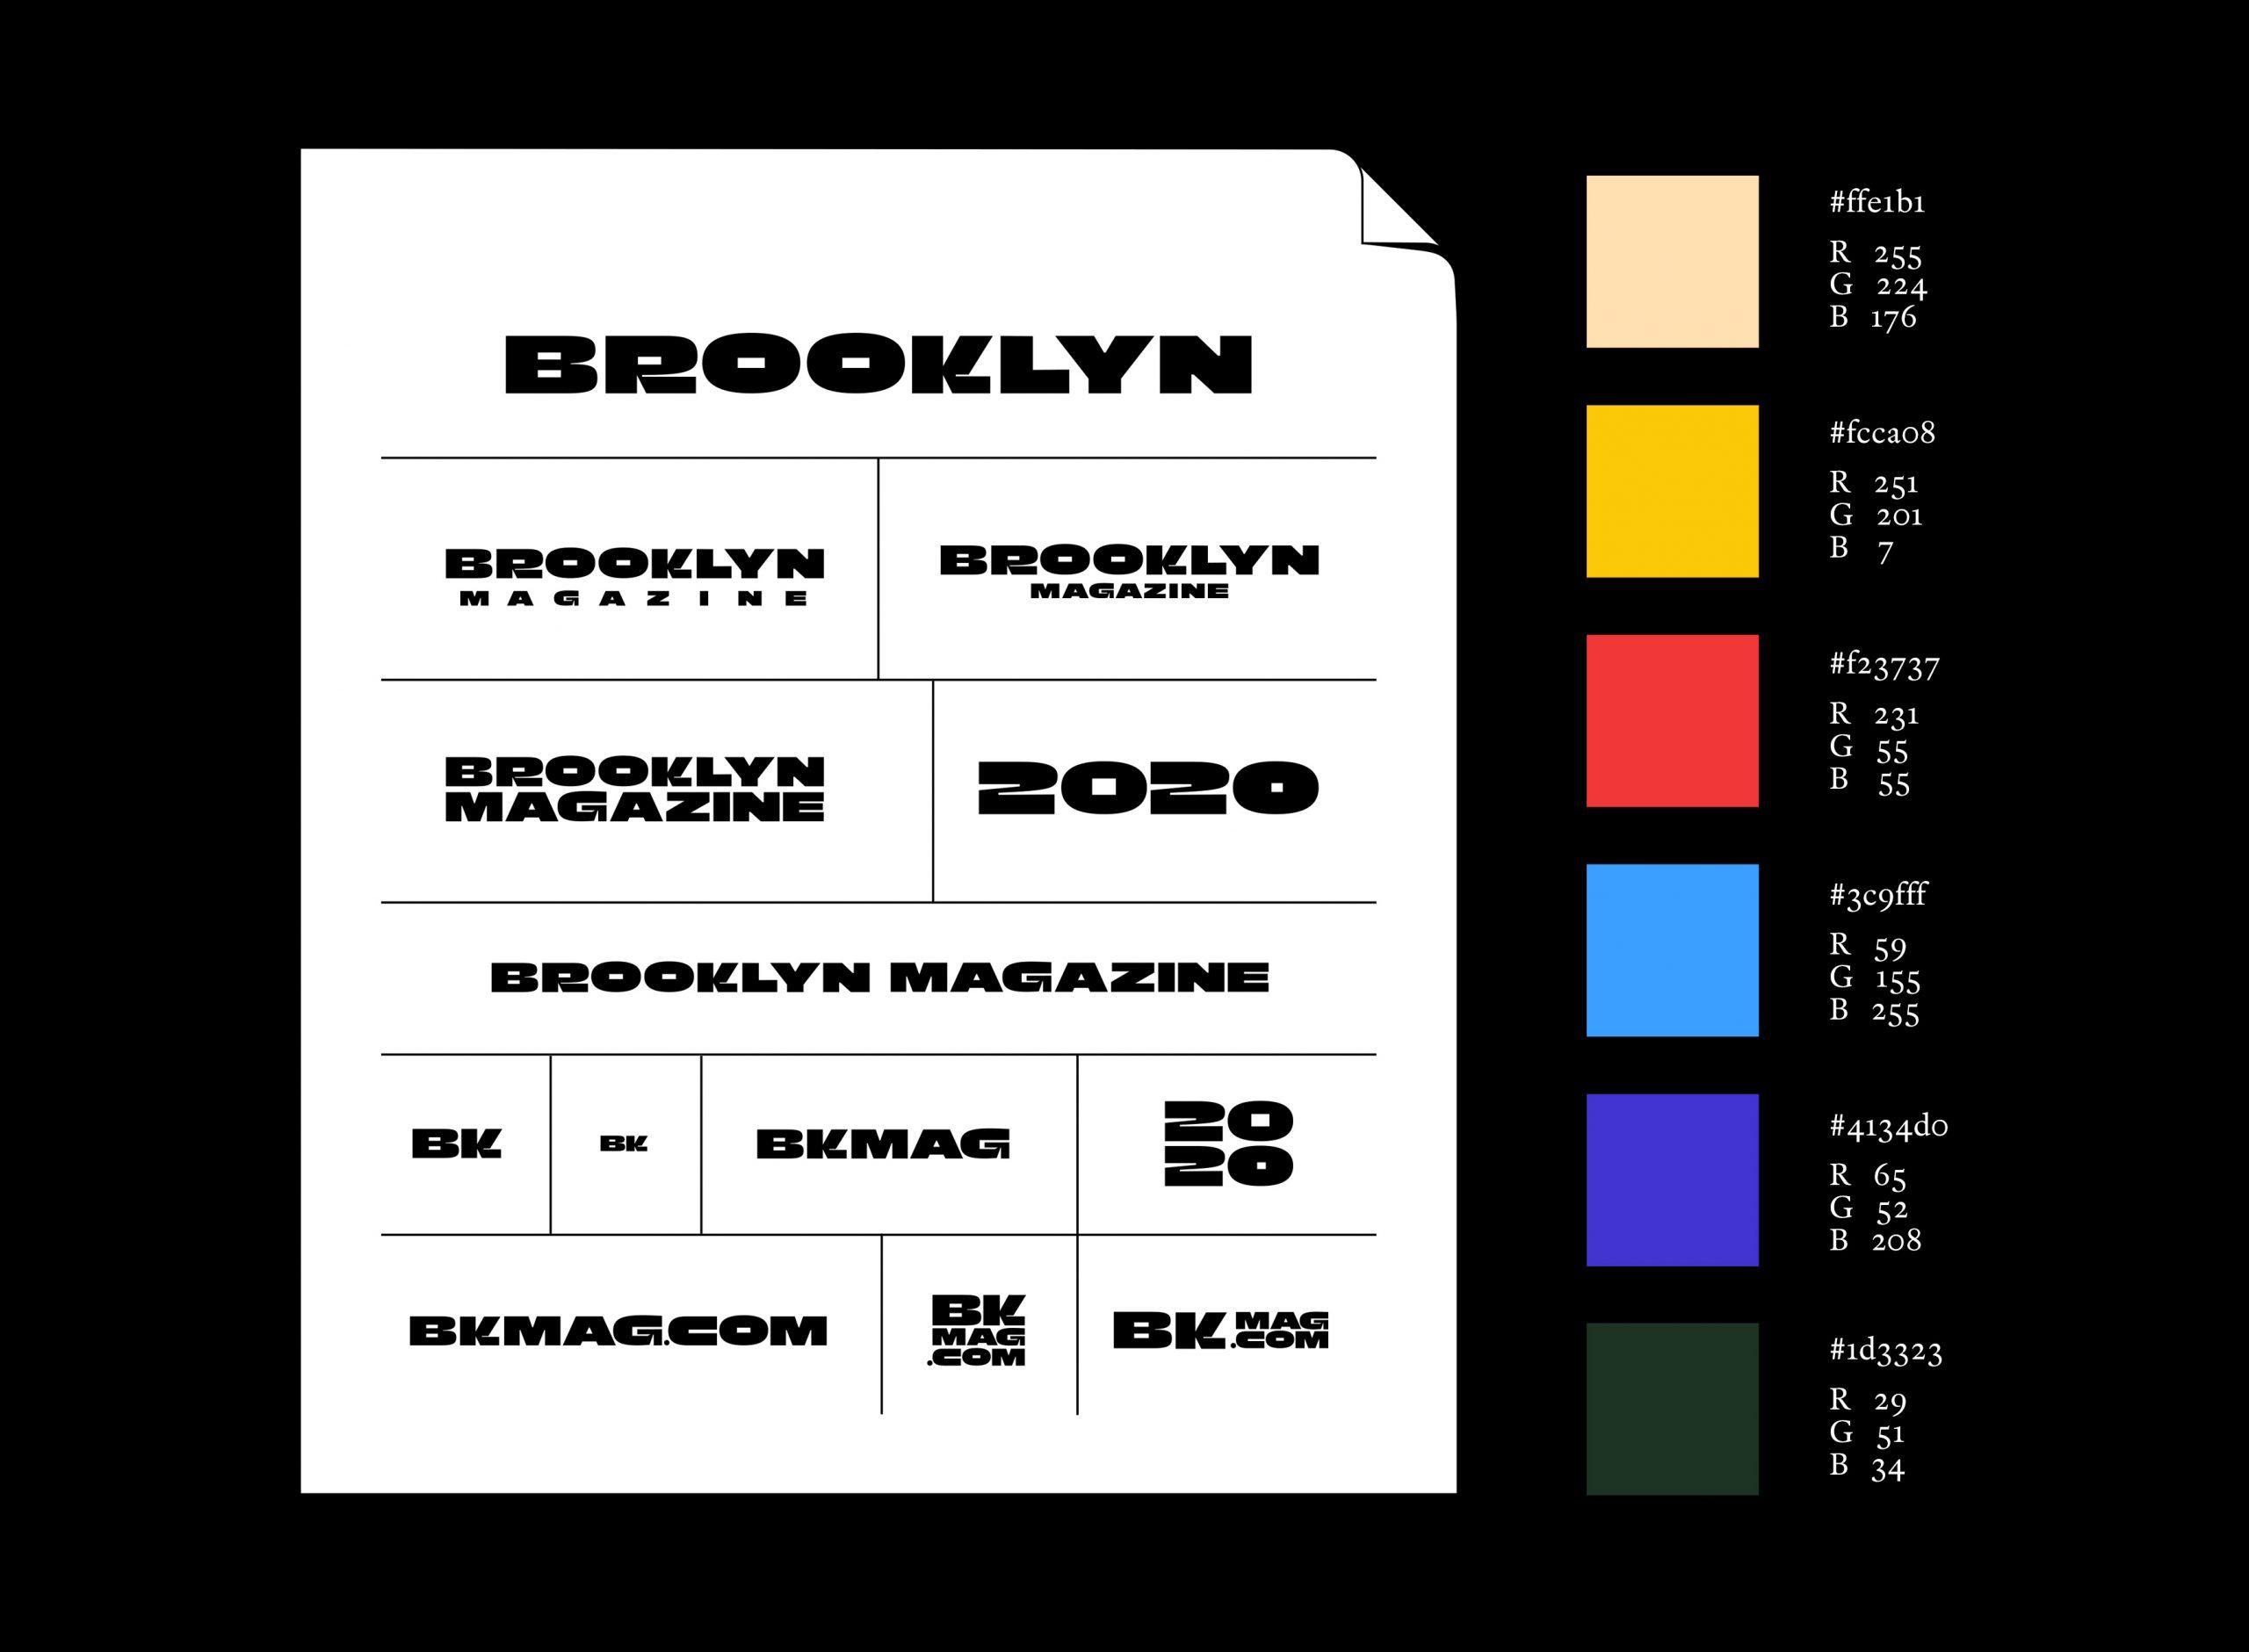 Joelle_Brooklyn_logo_layout_3